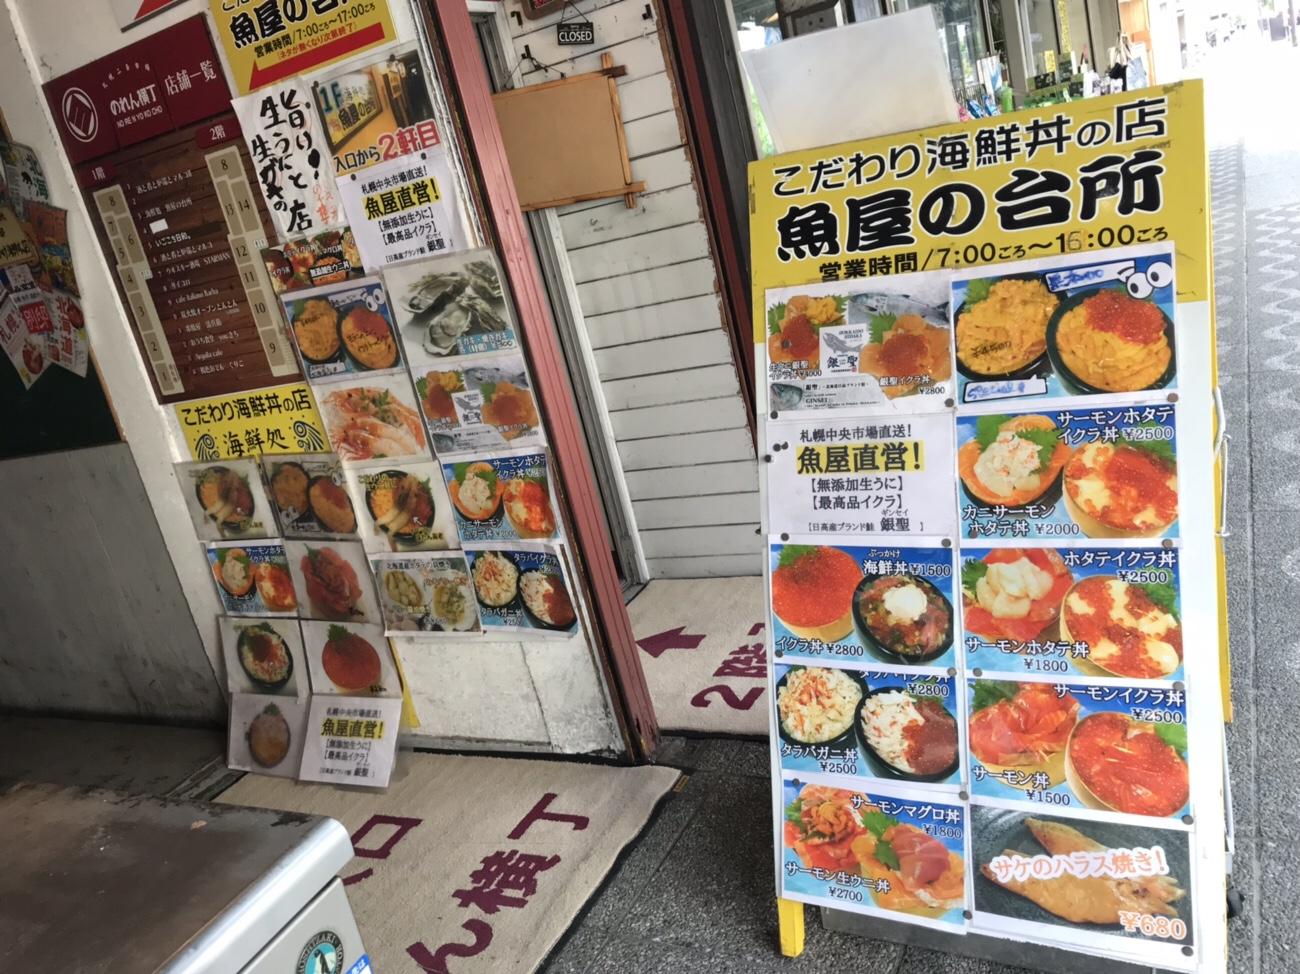 二条市場 海鮮丼朝食 魚屋の台所